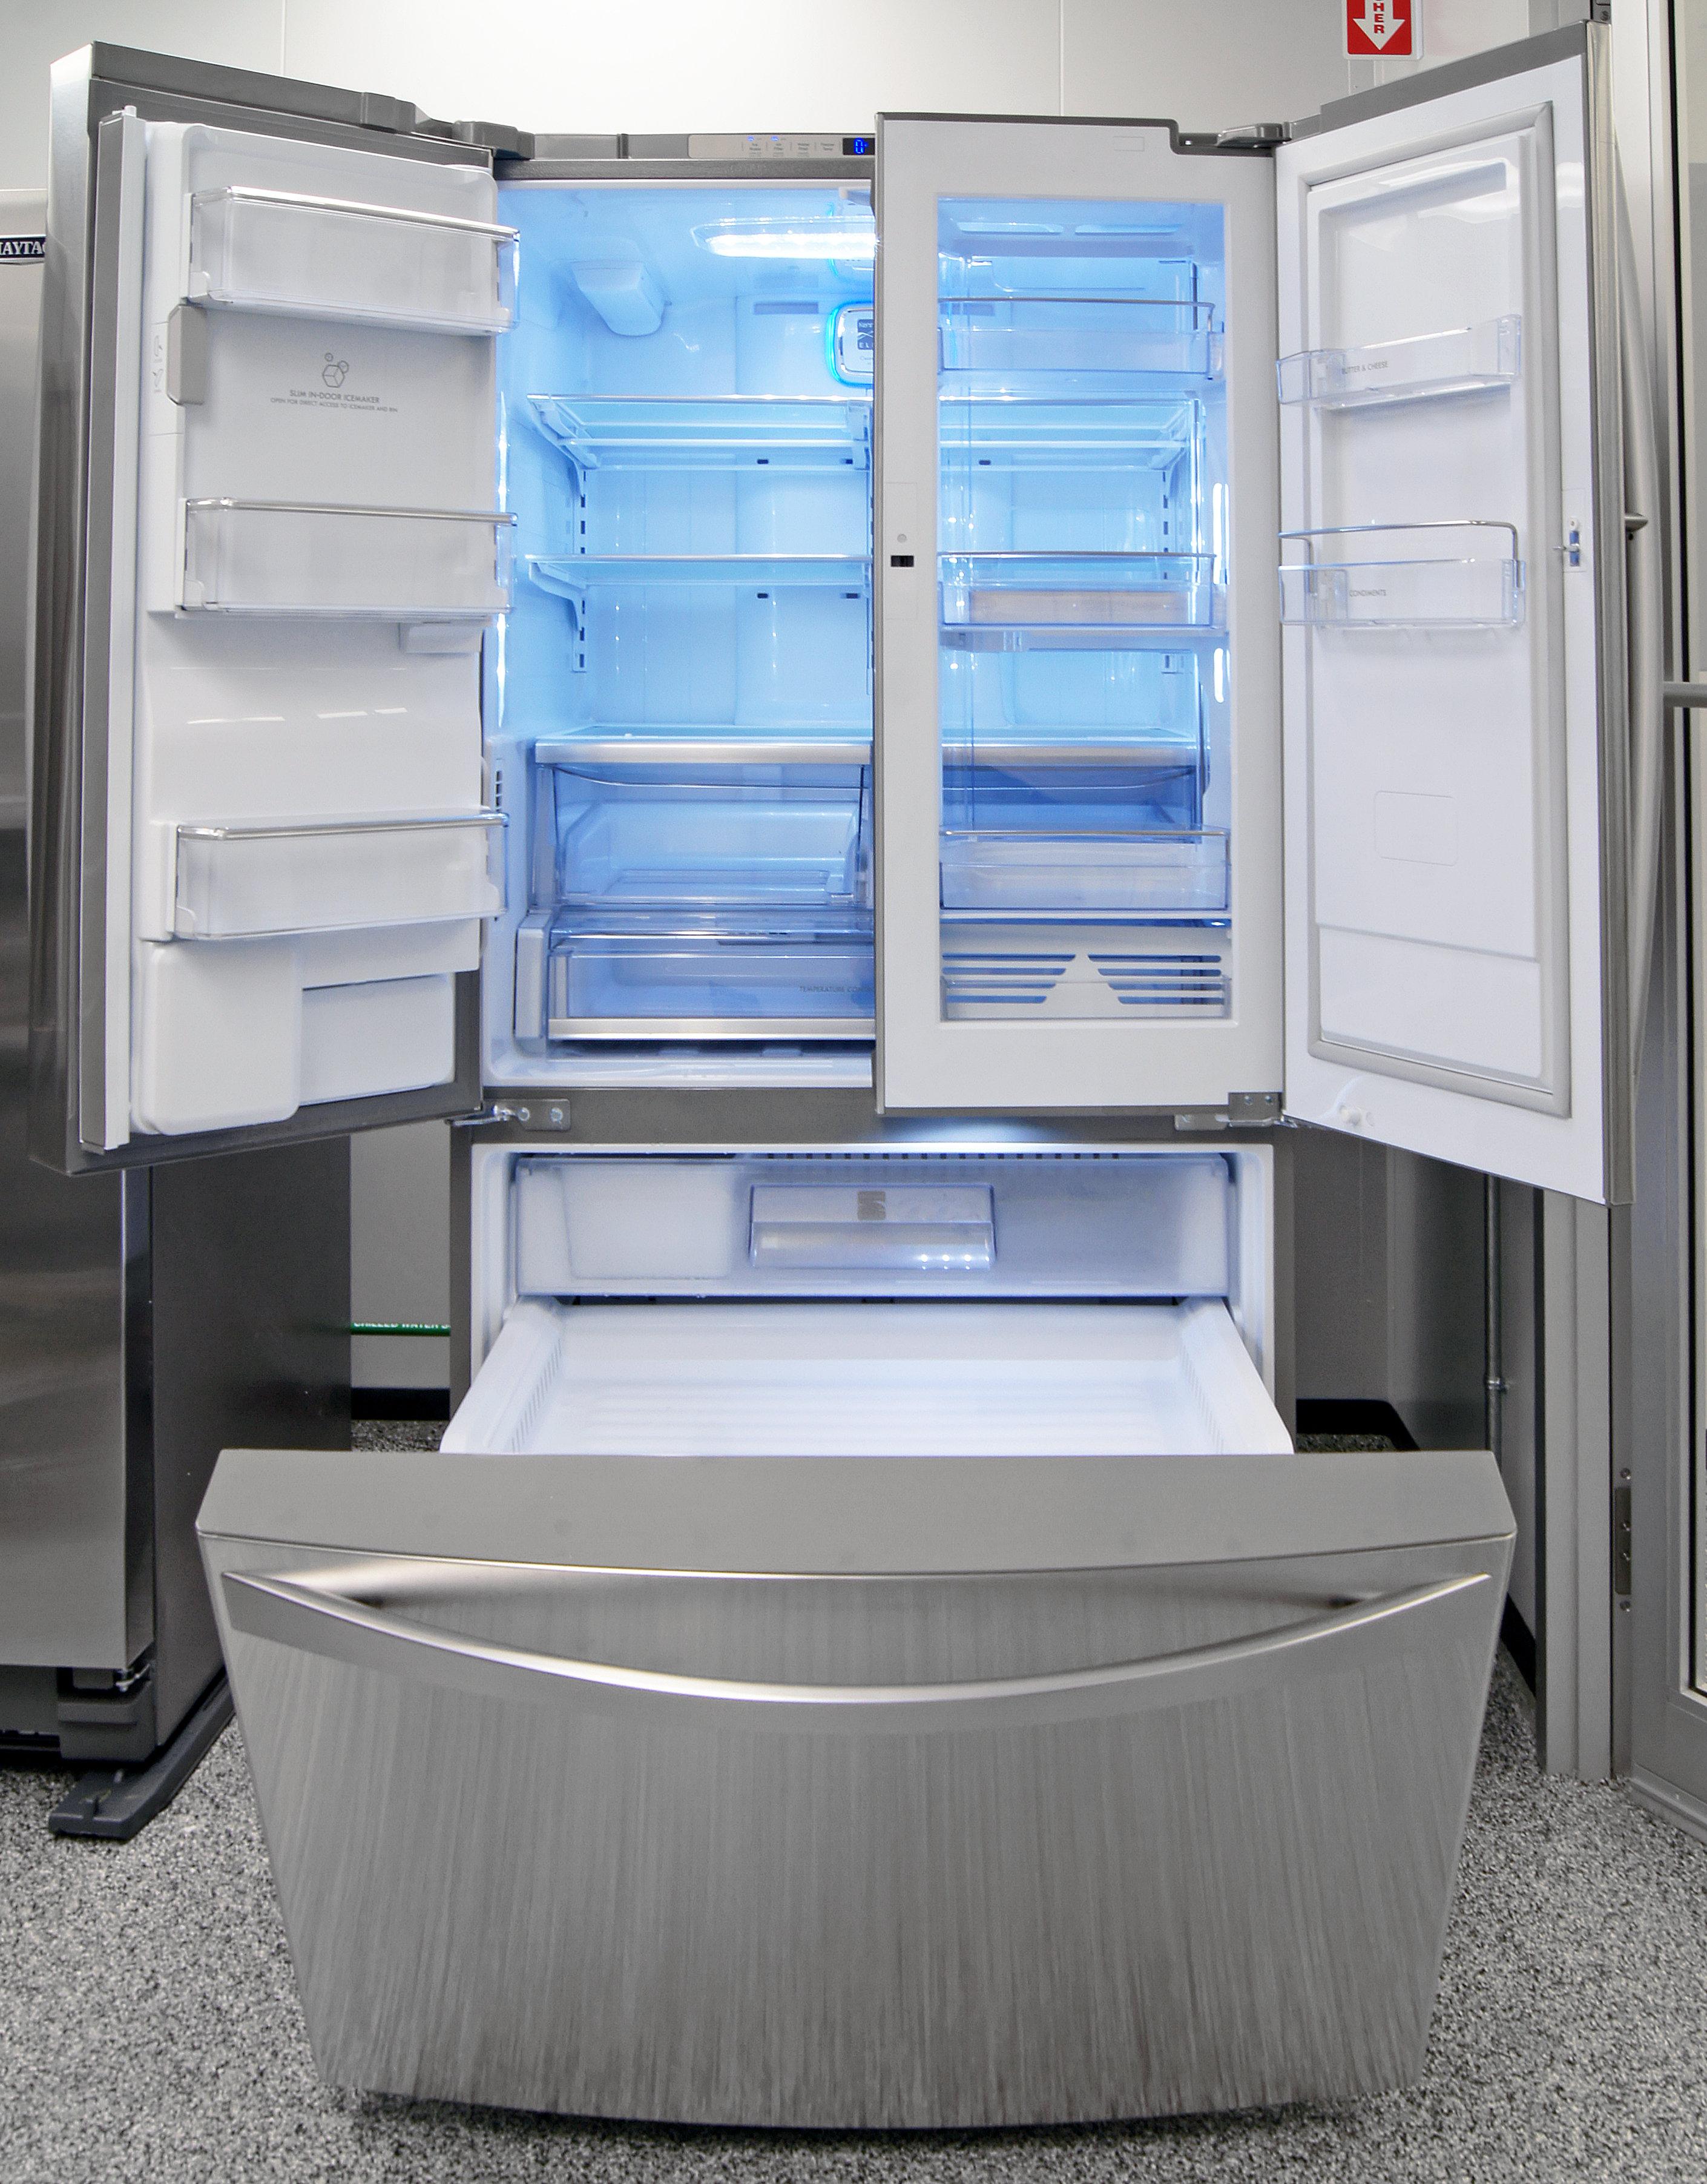 With door-in-door storage, tilting freezer doors, and plenty of space overall, organizing food in the Kenmore Elite 74033 should be a snap.